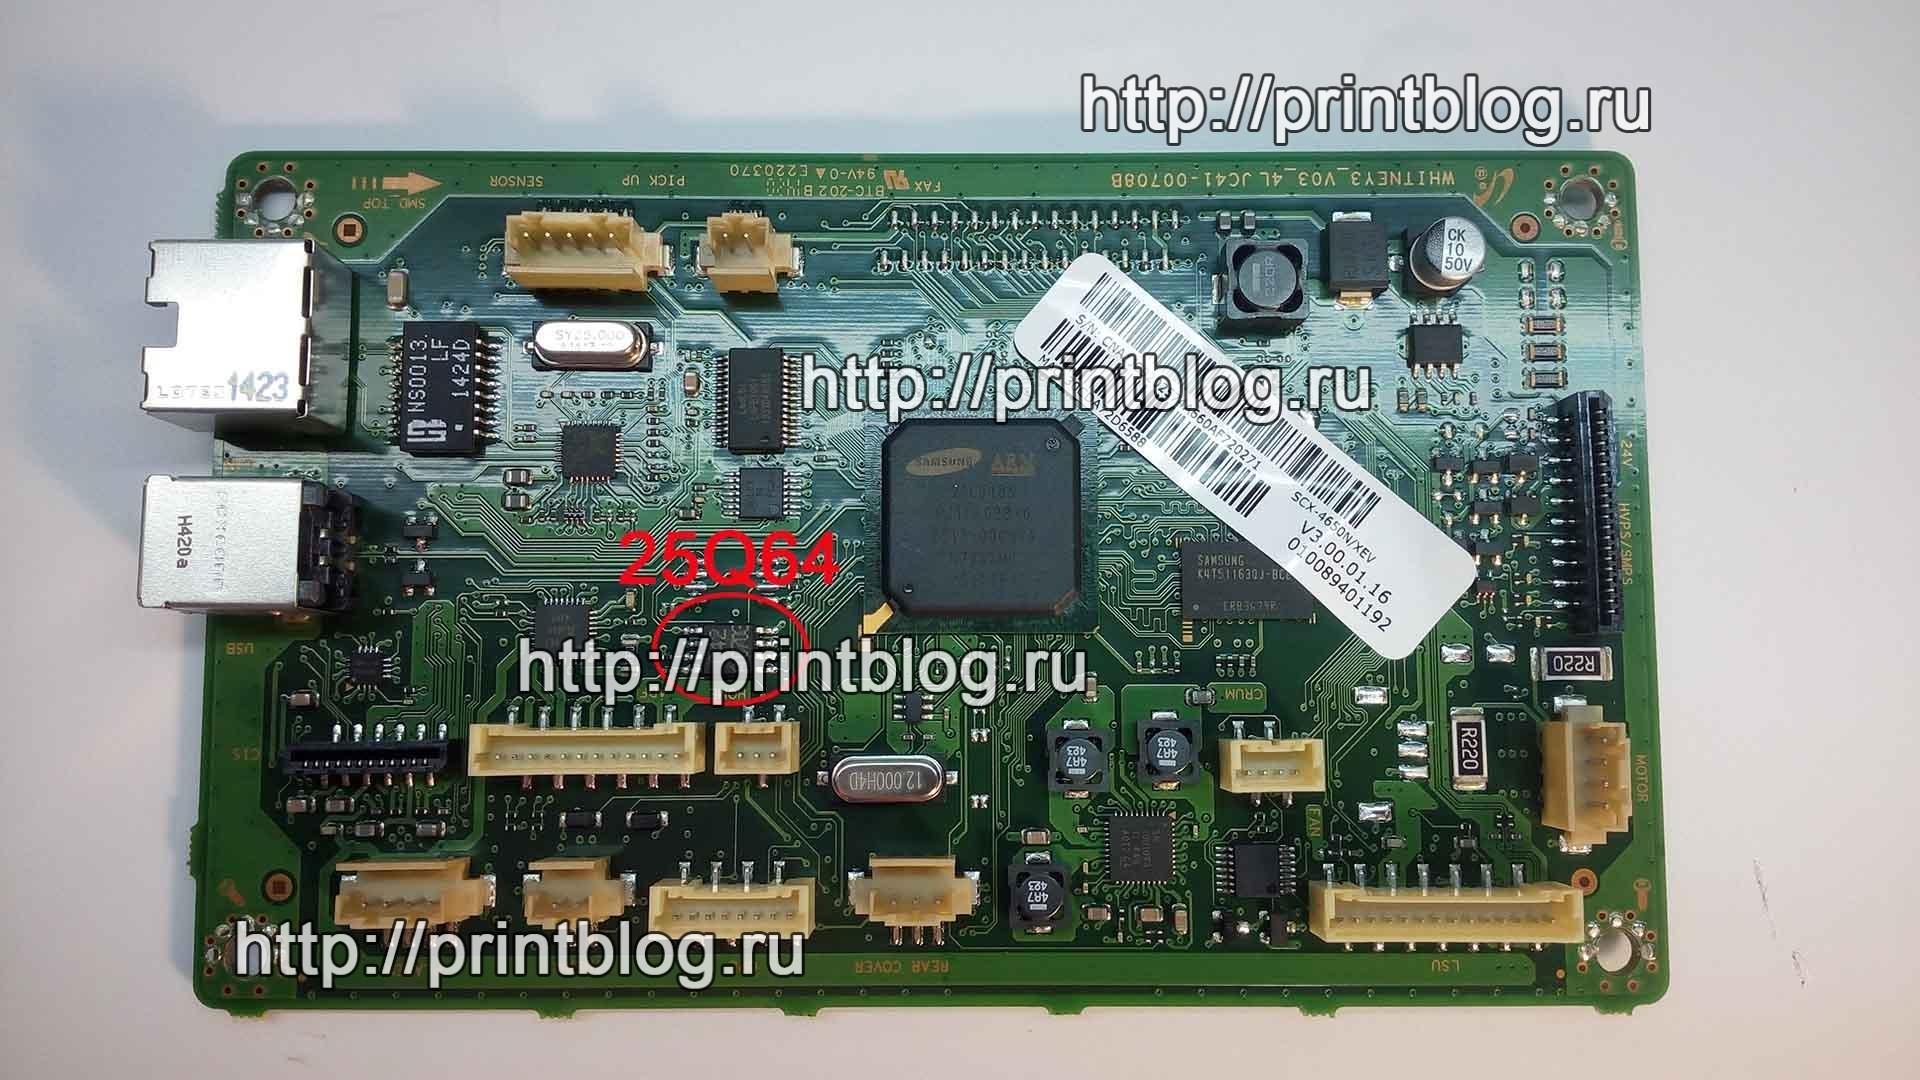 генератор прошивок samsung scx-4650n